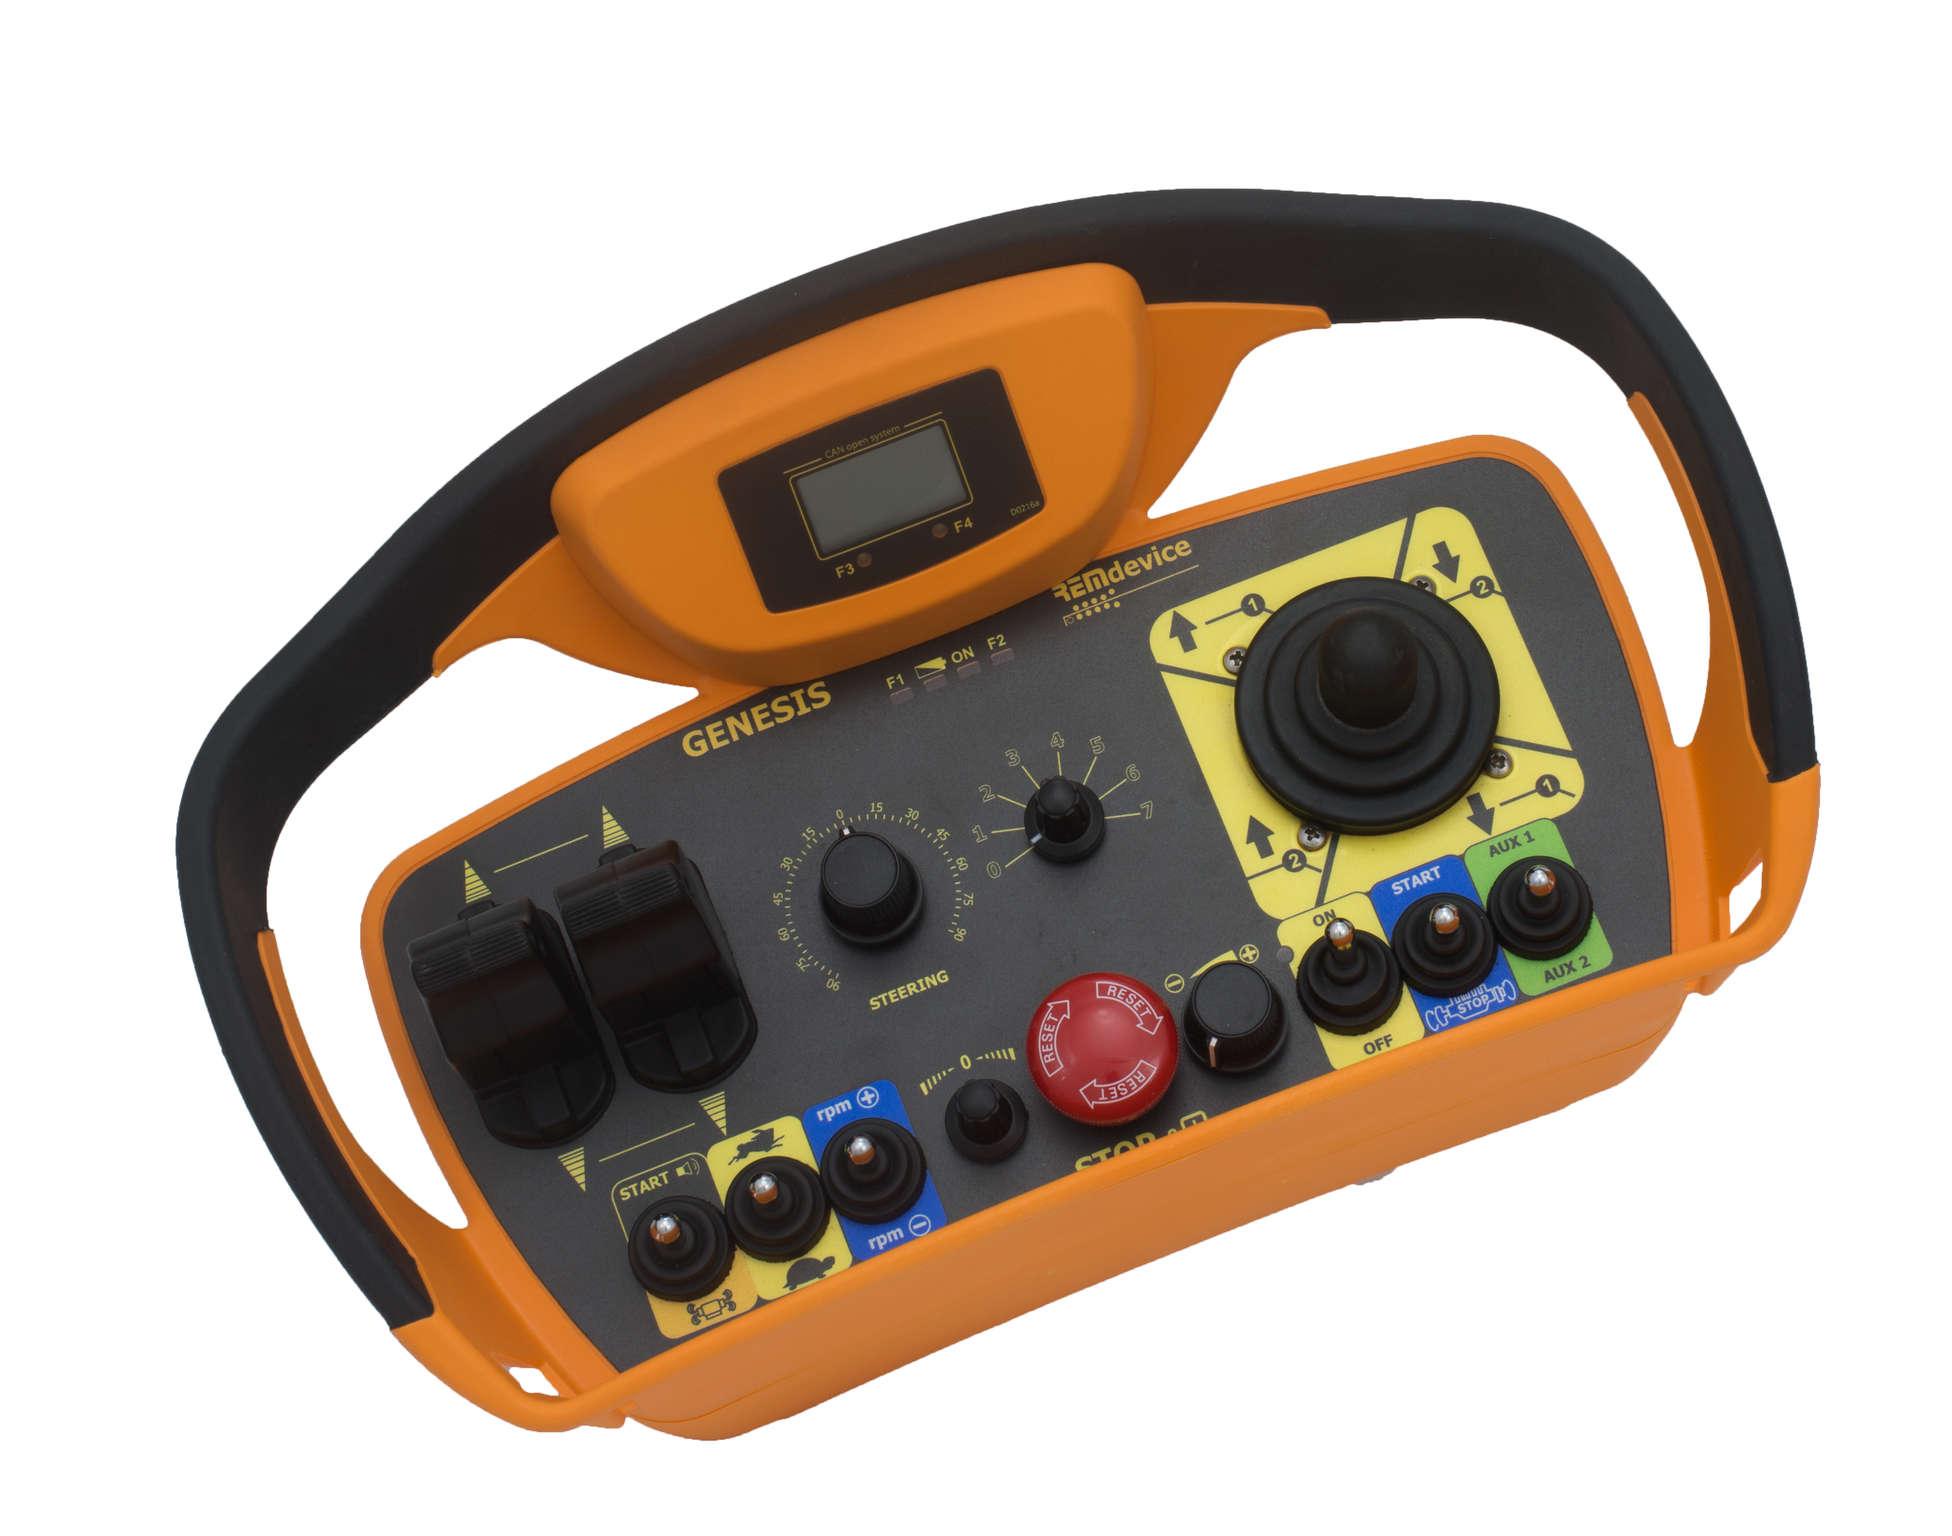 Genesis Radio Remote Control